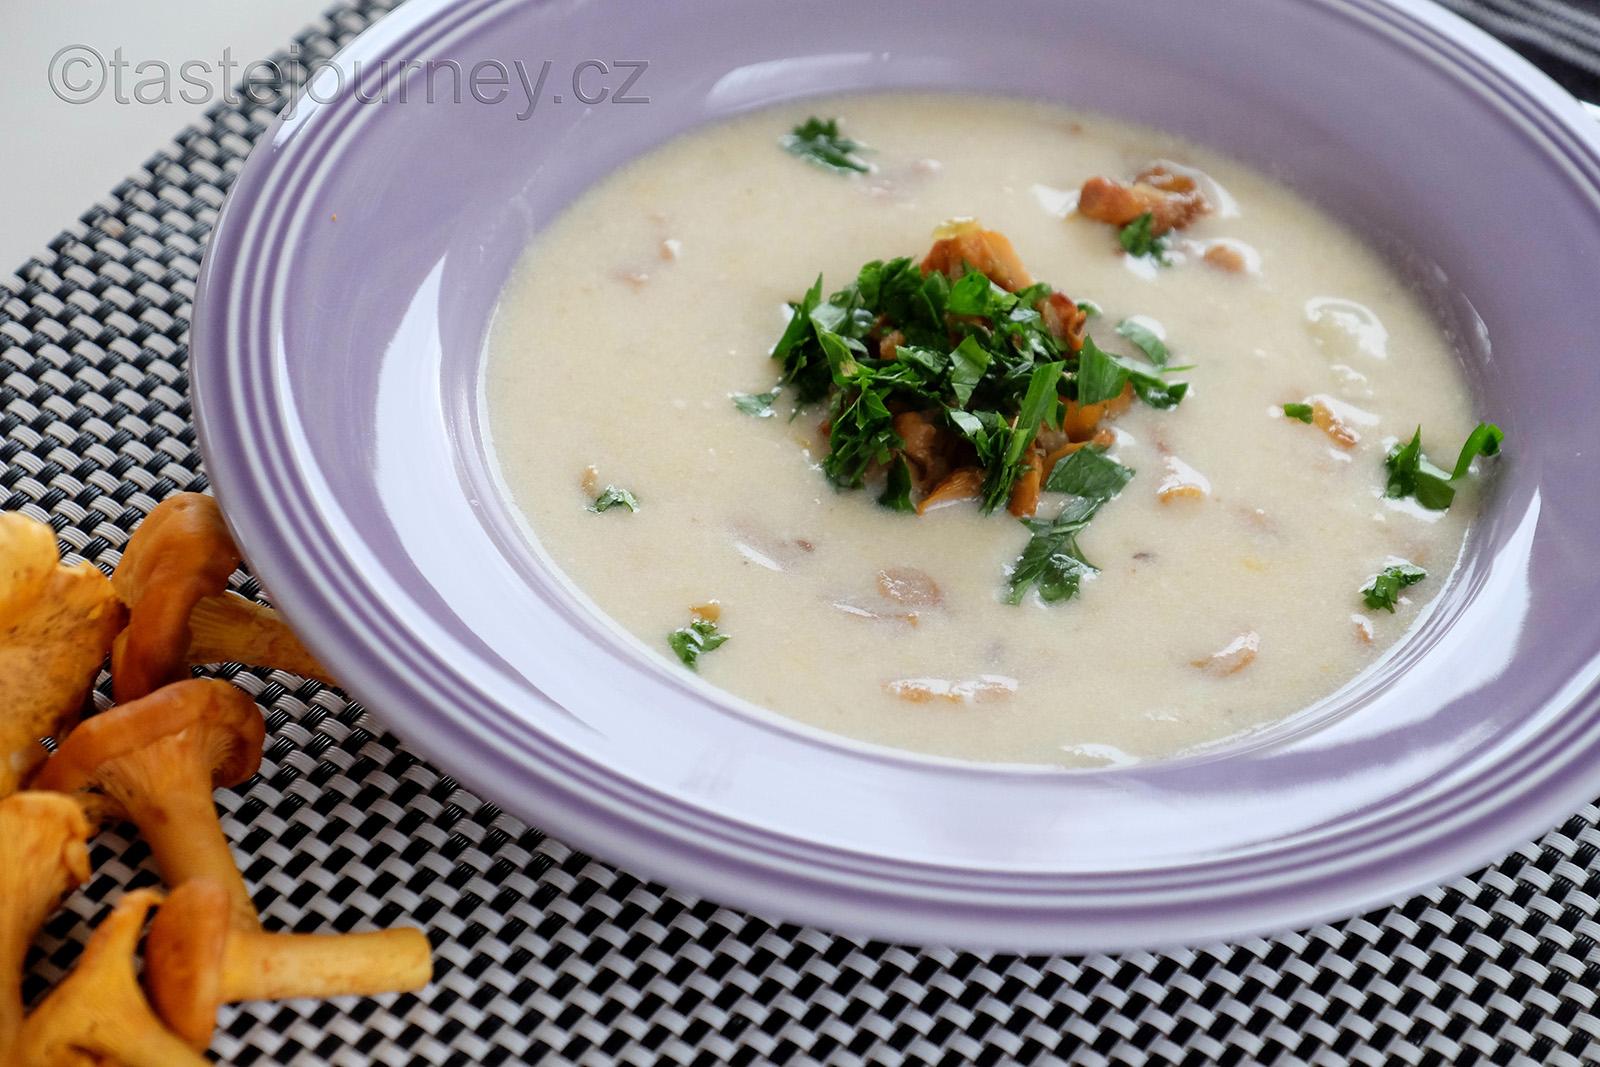 I polévku s liškami můžete ještě dozdobit osmaženými liškami